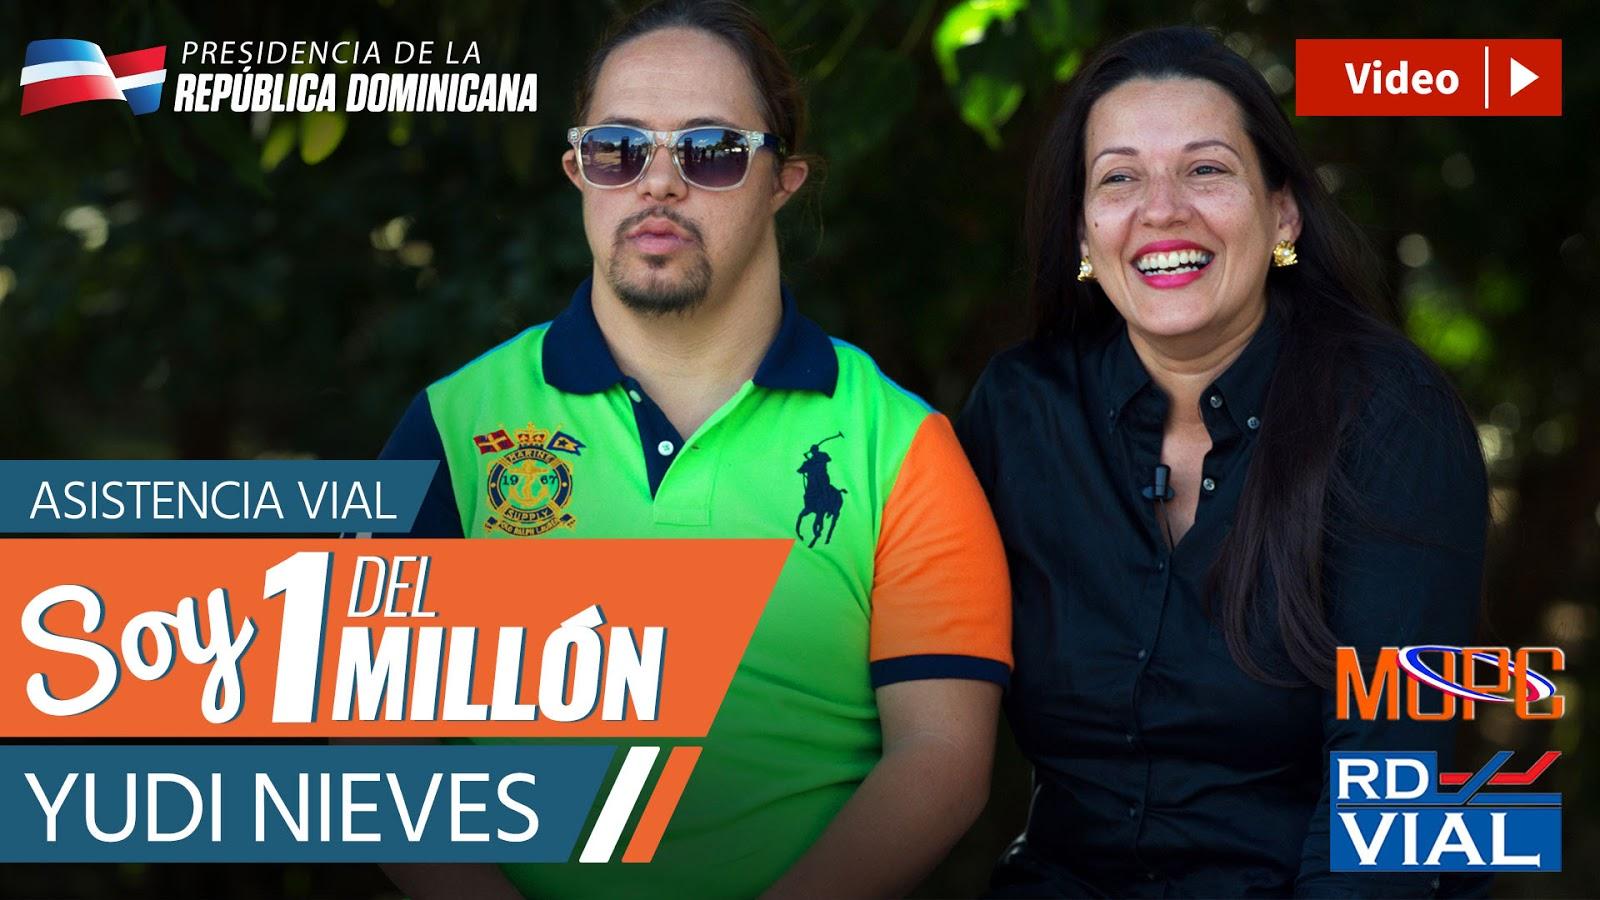 VIDEO: Soy 1 del millón. Yudi Nieves